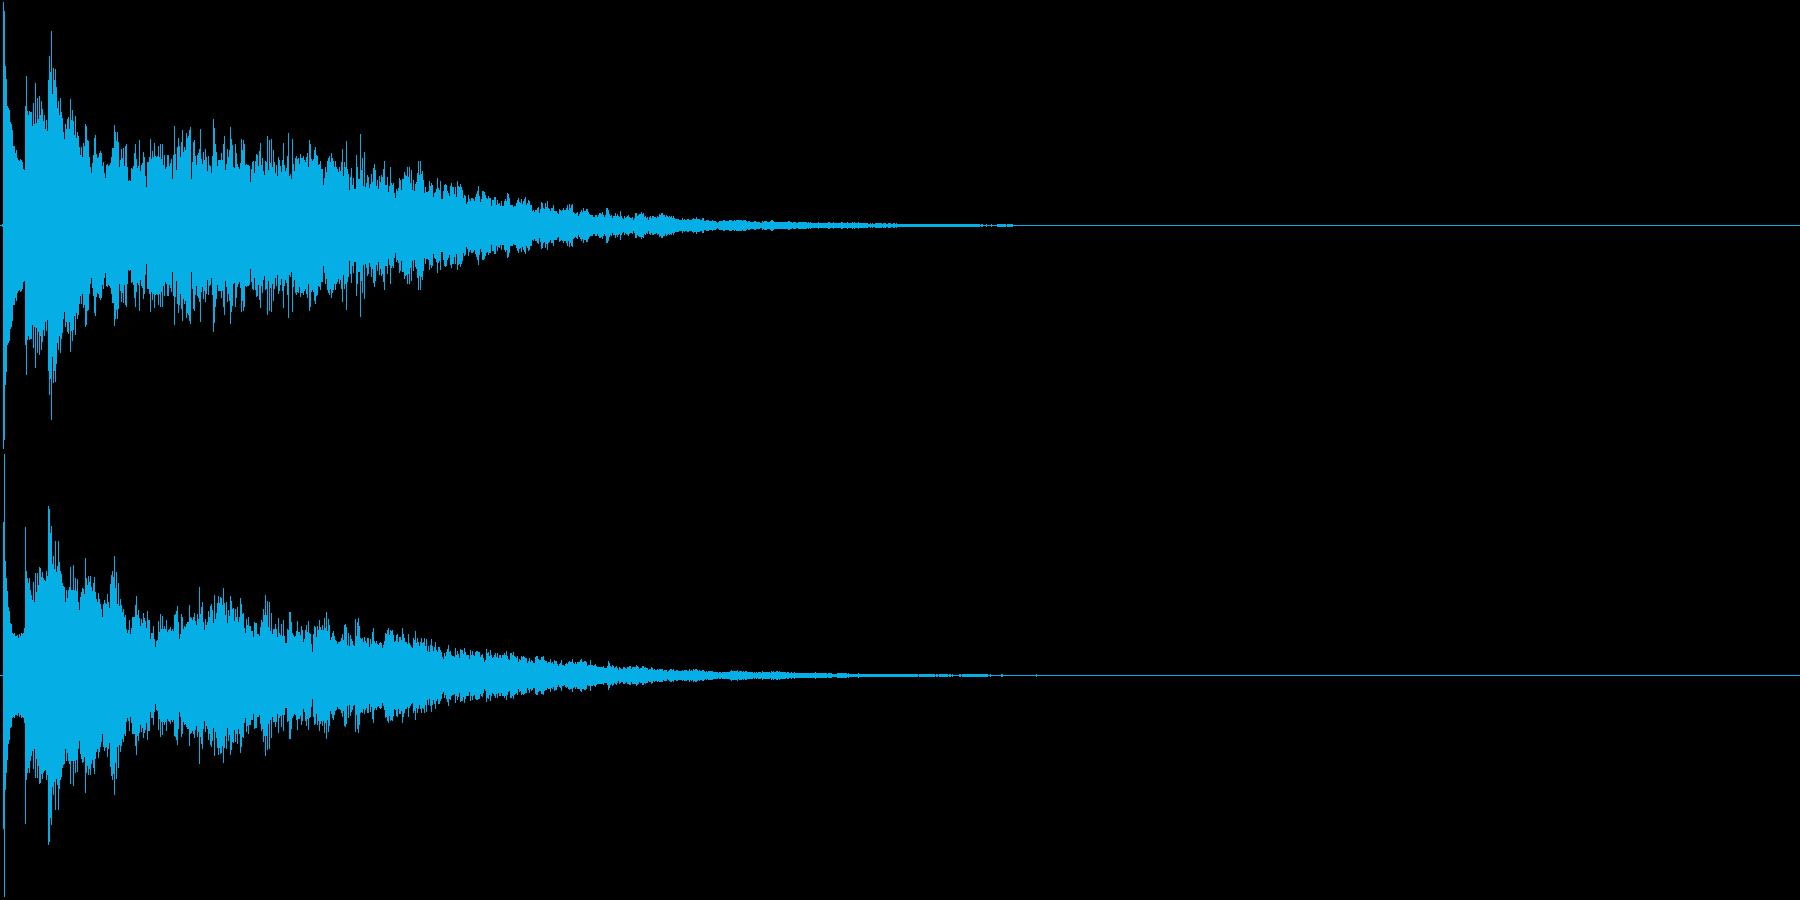 キーン(冷たいイメージ、動画やアプリに)の再生済みの波形